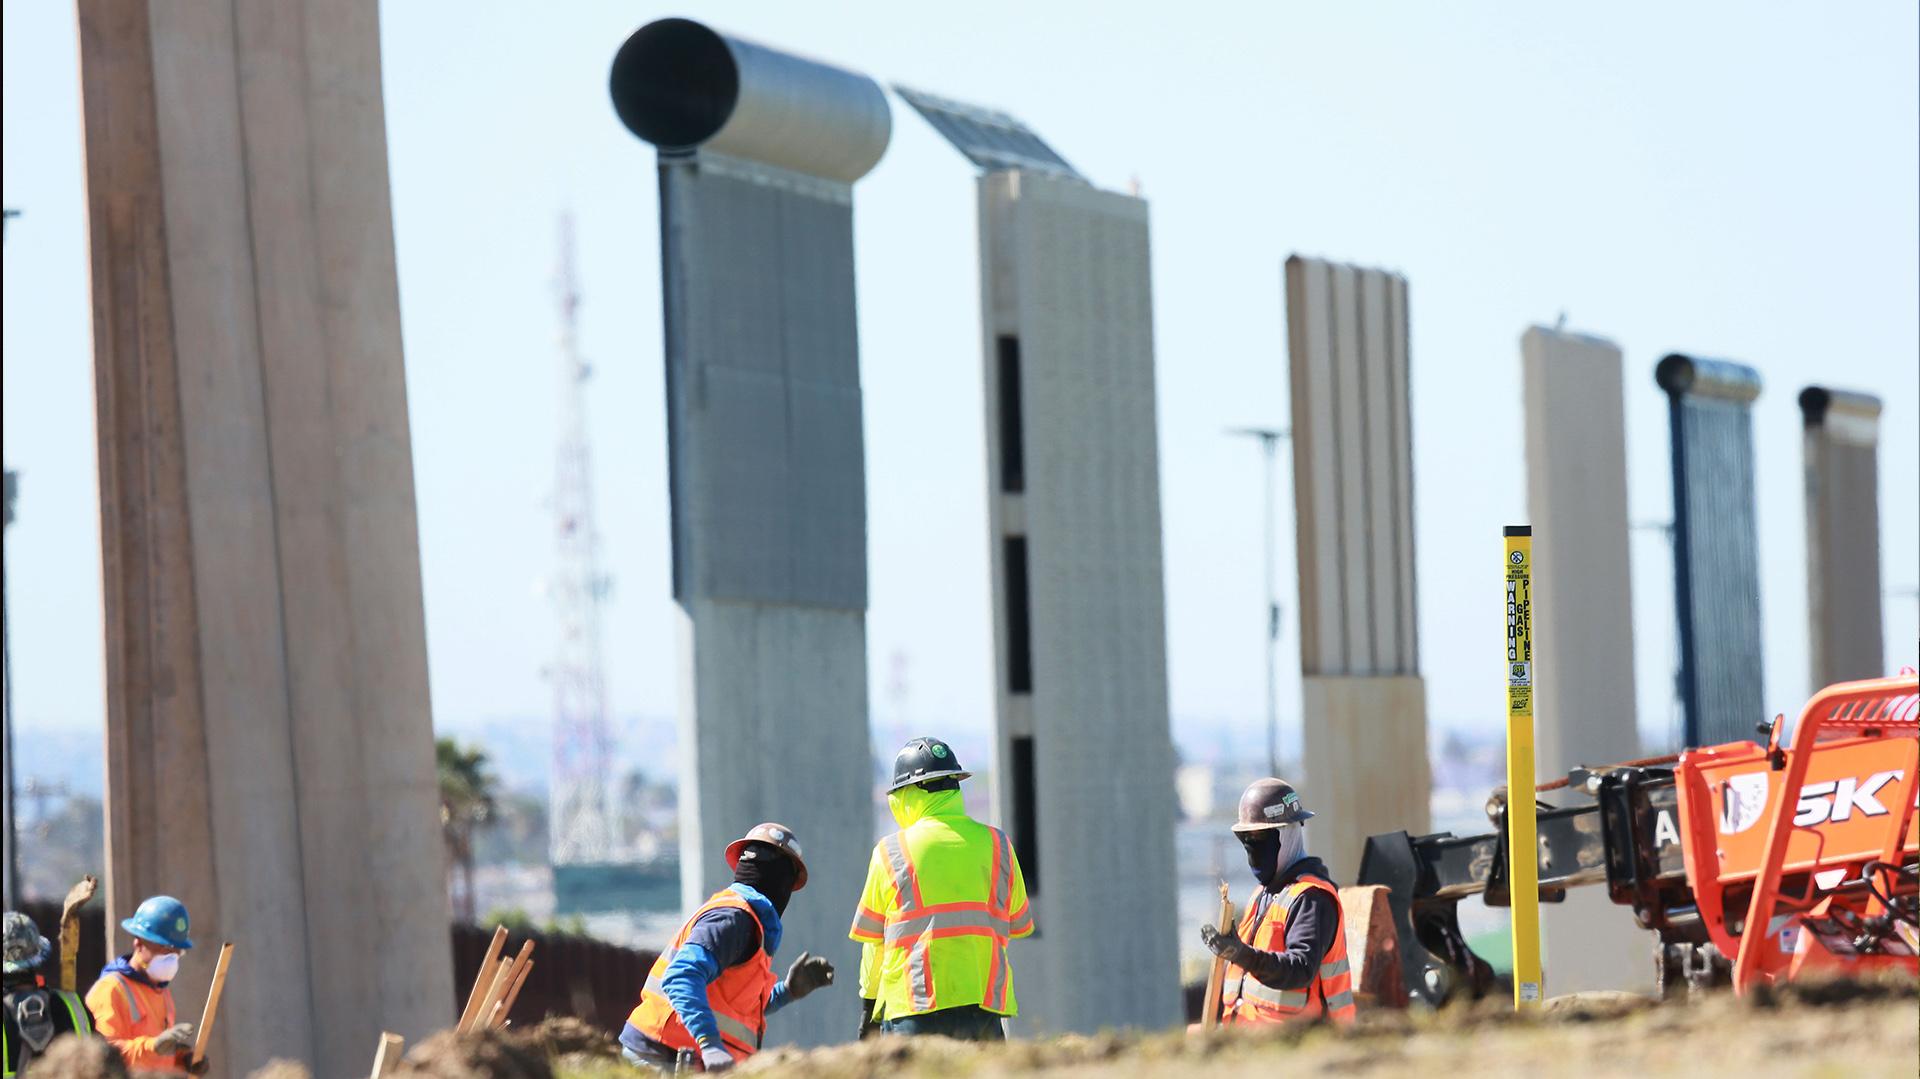 En febrero de 2019, el gobierno Federal de EEUU derribó ocho prototipos de muro en la frontera con México (Foto EFE)